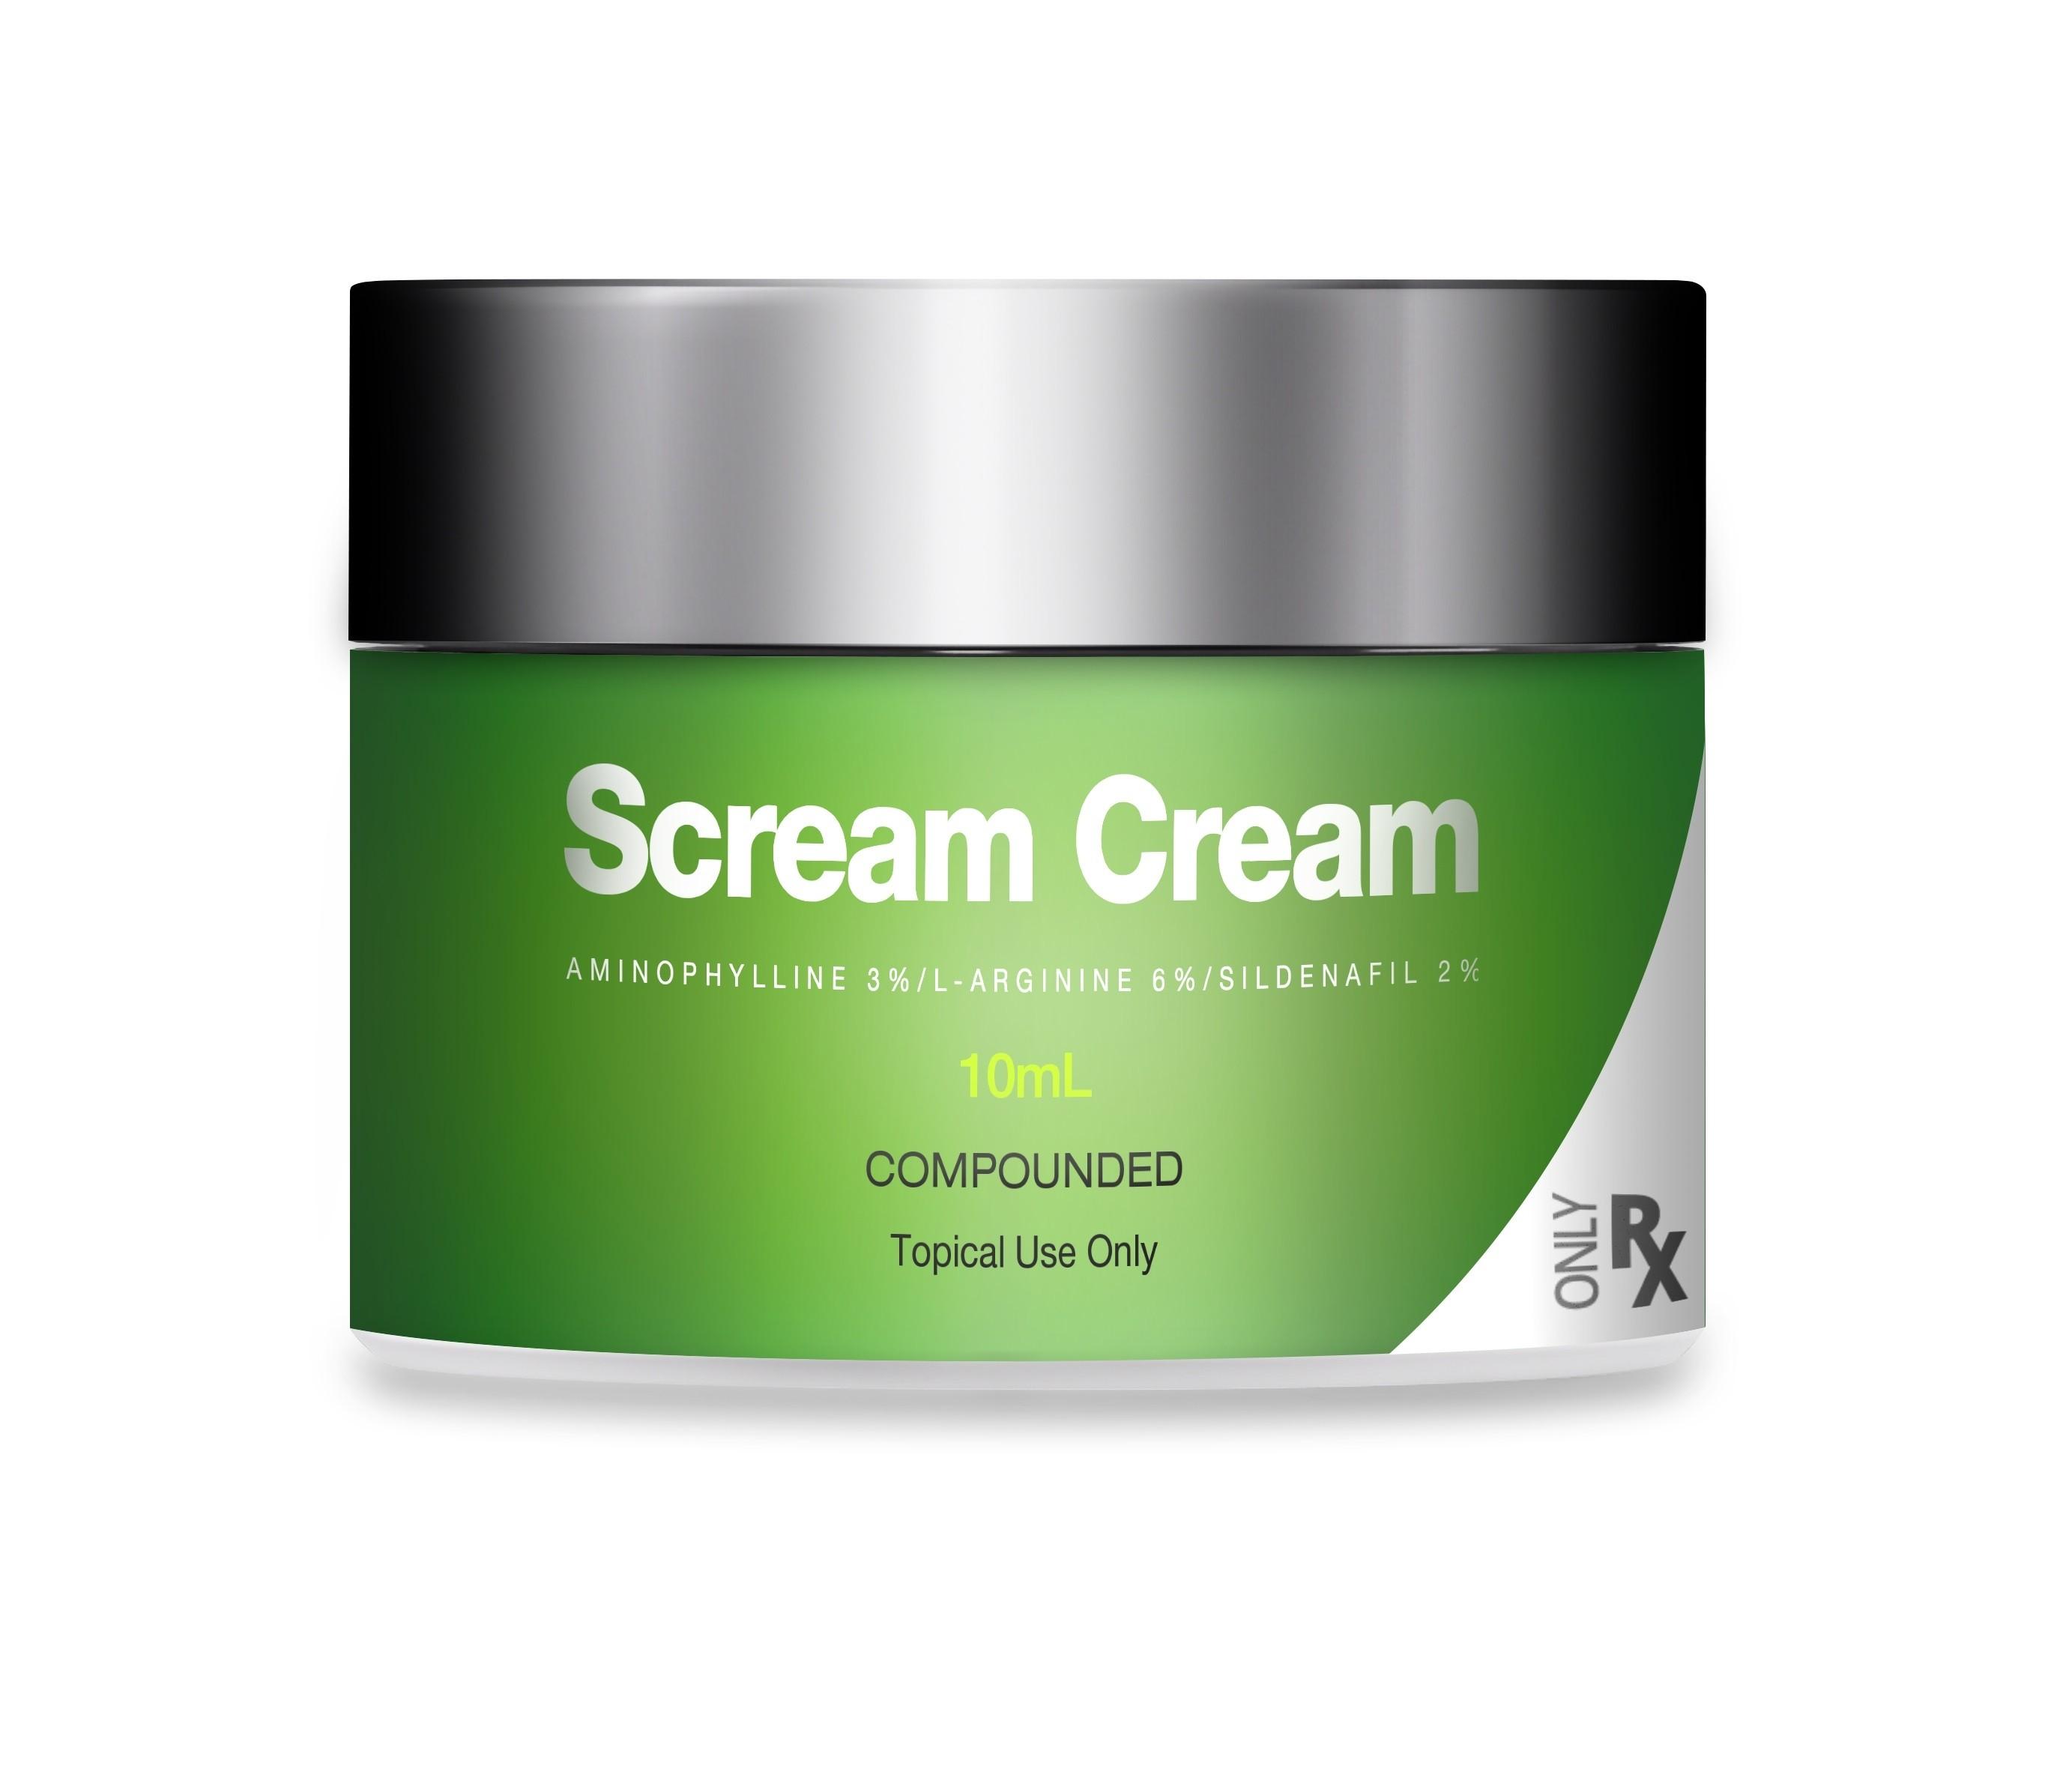 Buy Scream Cream